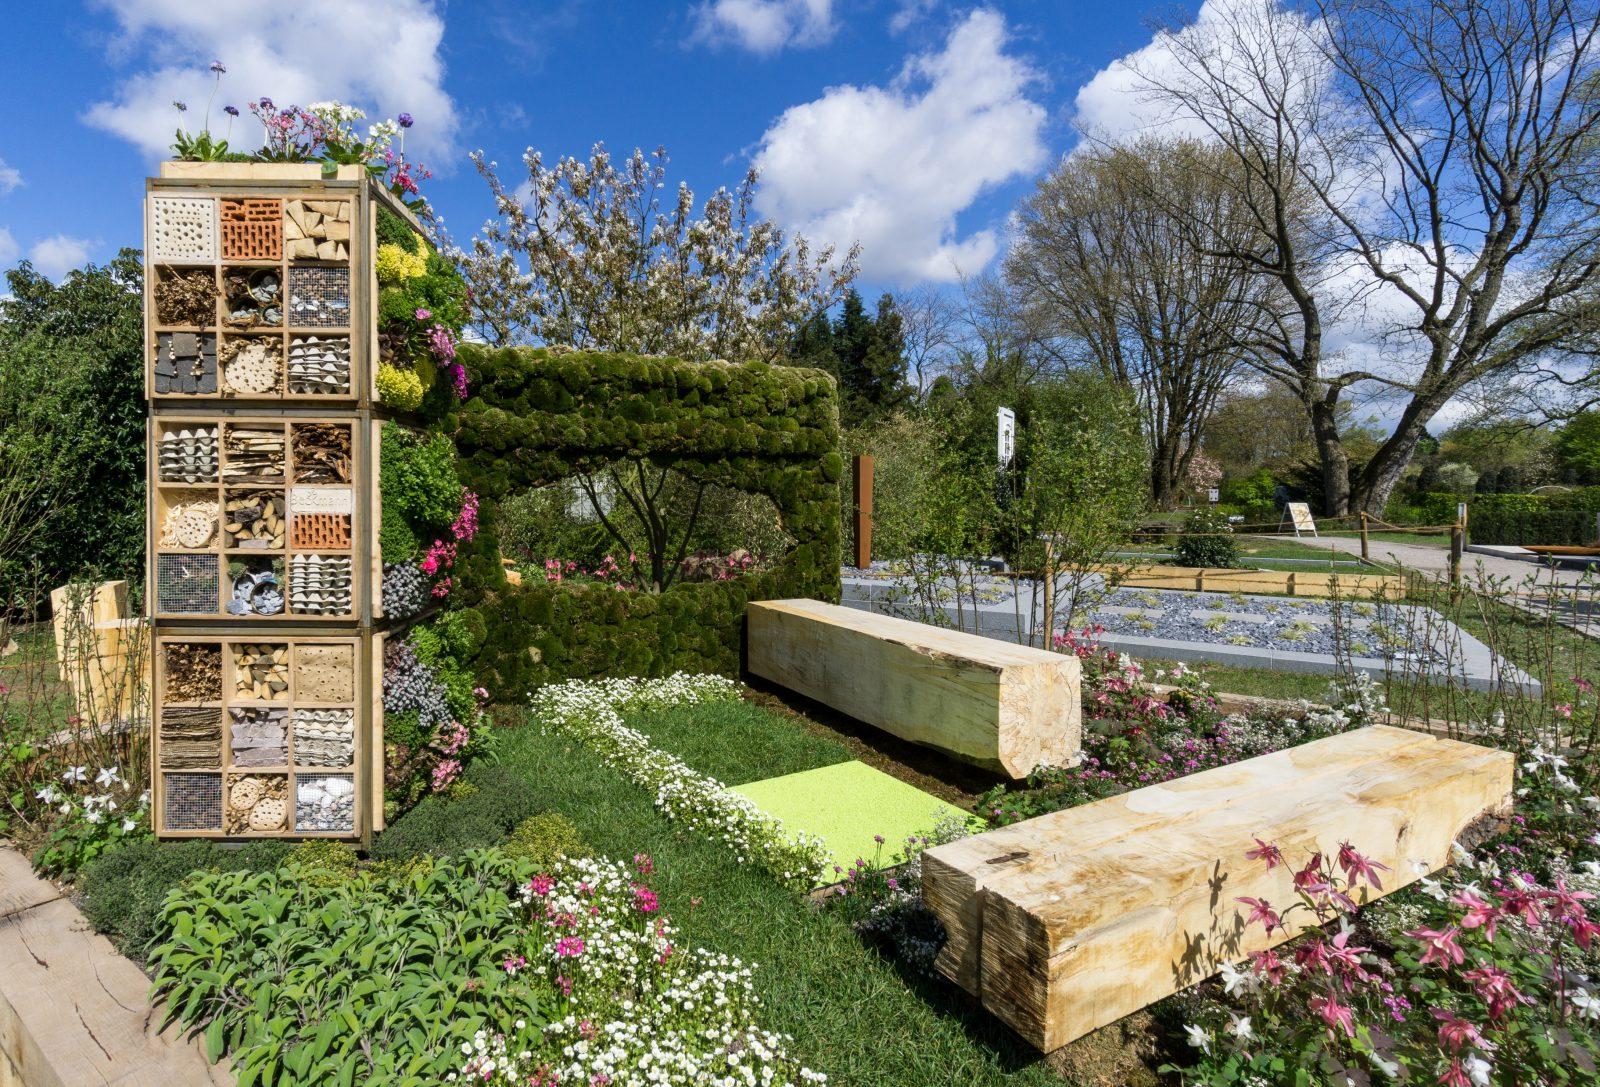 Garten Und Landschaftsbau – Wikipedia von Garten Und Landschaftsbau Photo